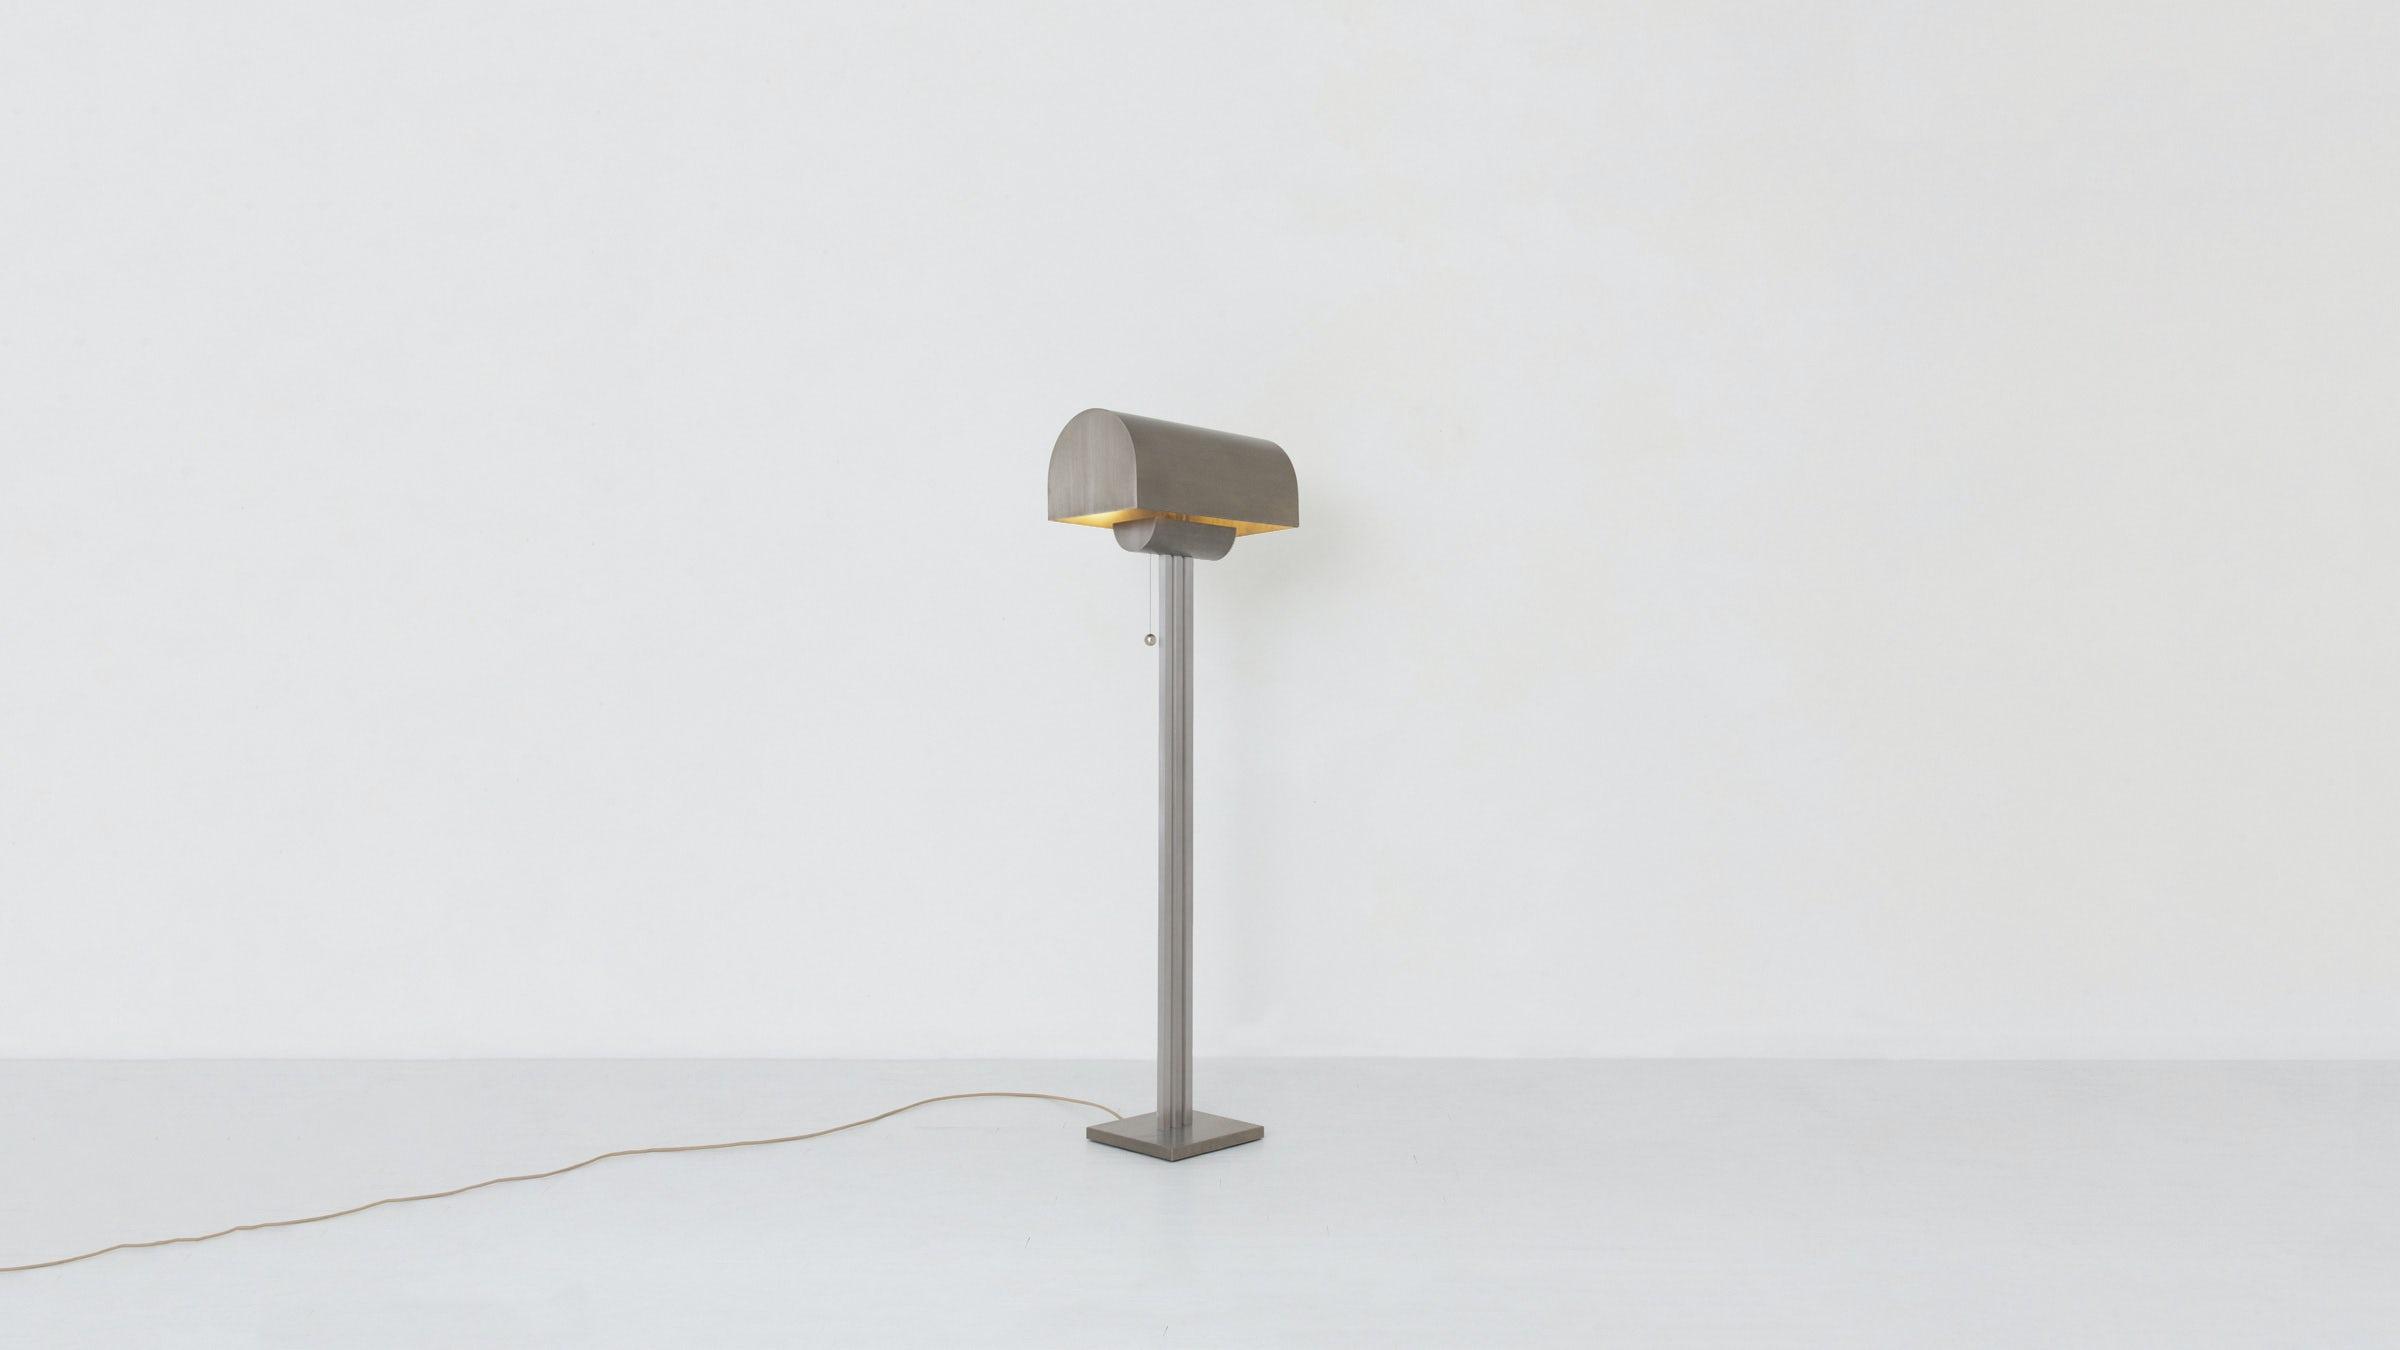 gallery image for Vault Floor Lamp